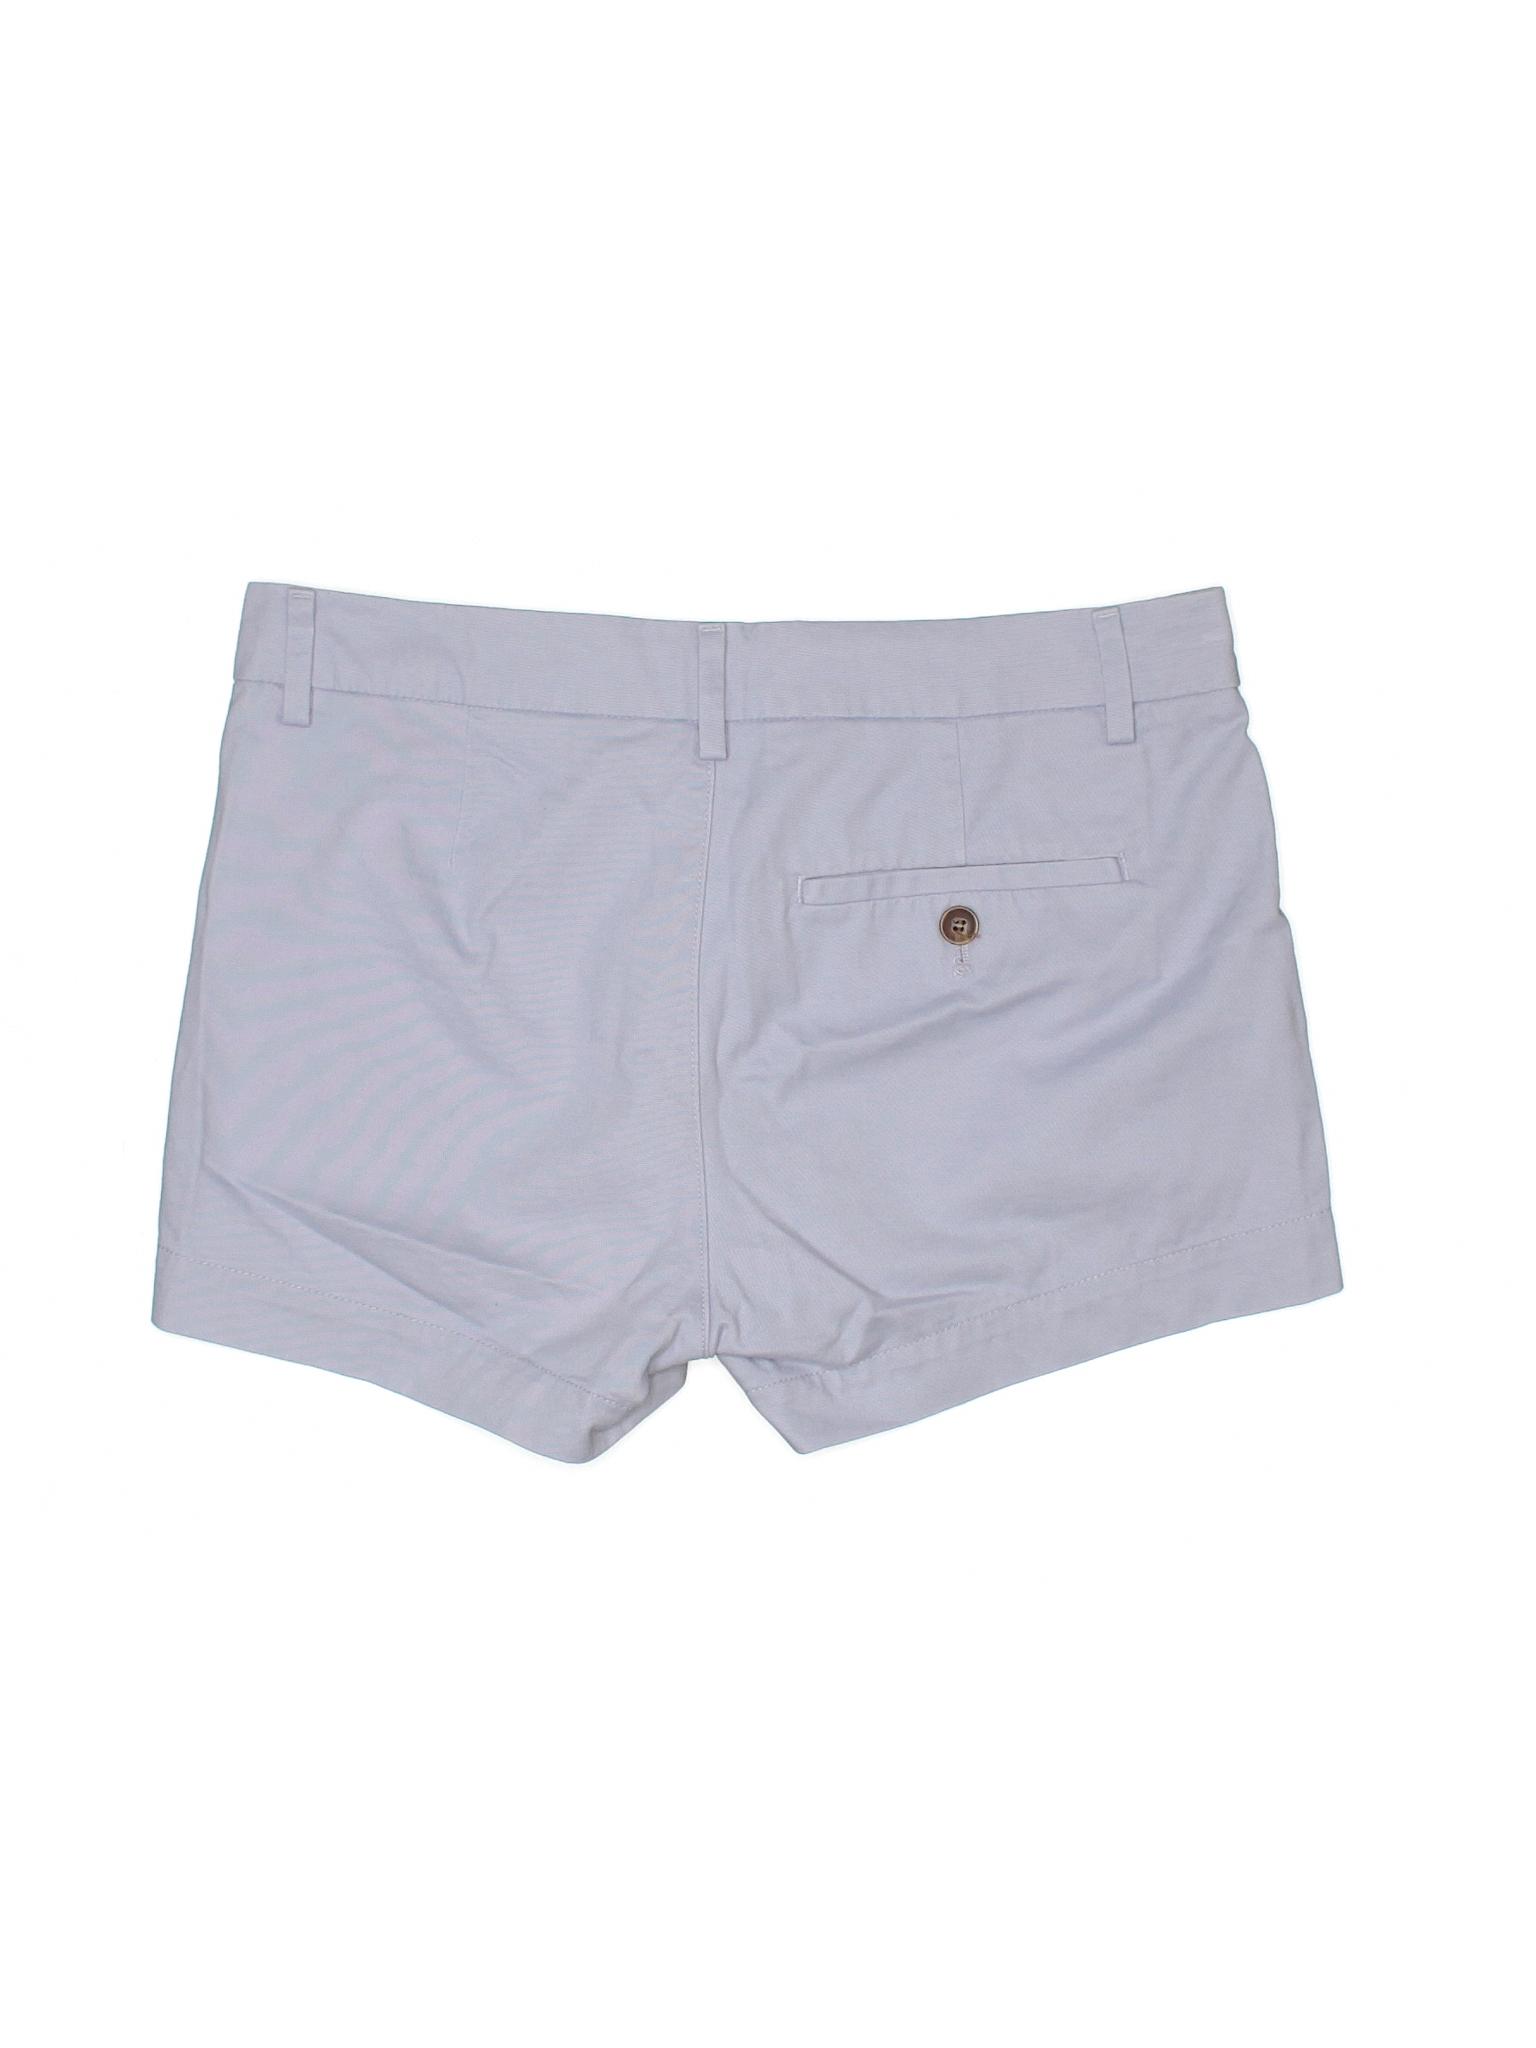 Khaki Boutique Boutique Boutique Uniqlo Shorts Khaki Khaki Uniqlo Shorts Uniqlo Uniqlo Shorts Boutique Khaki qSa6WX